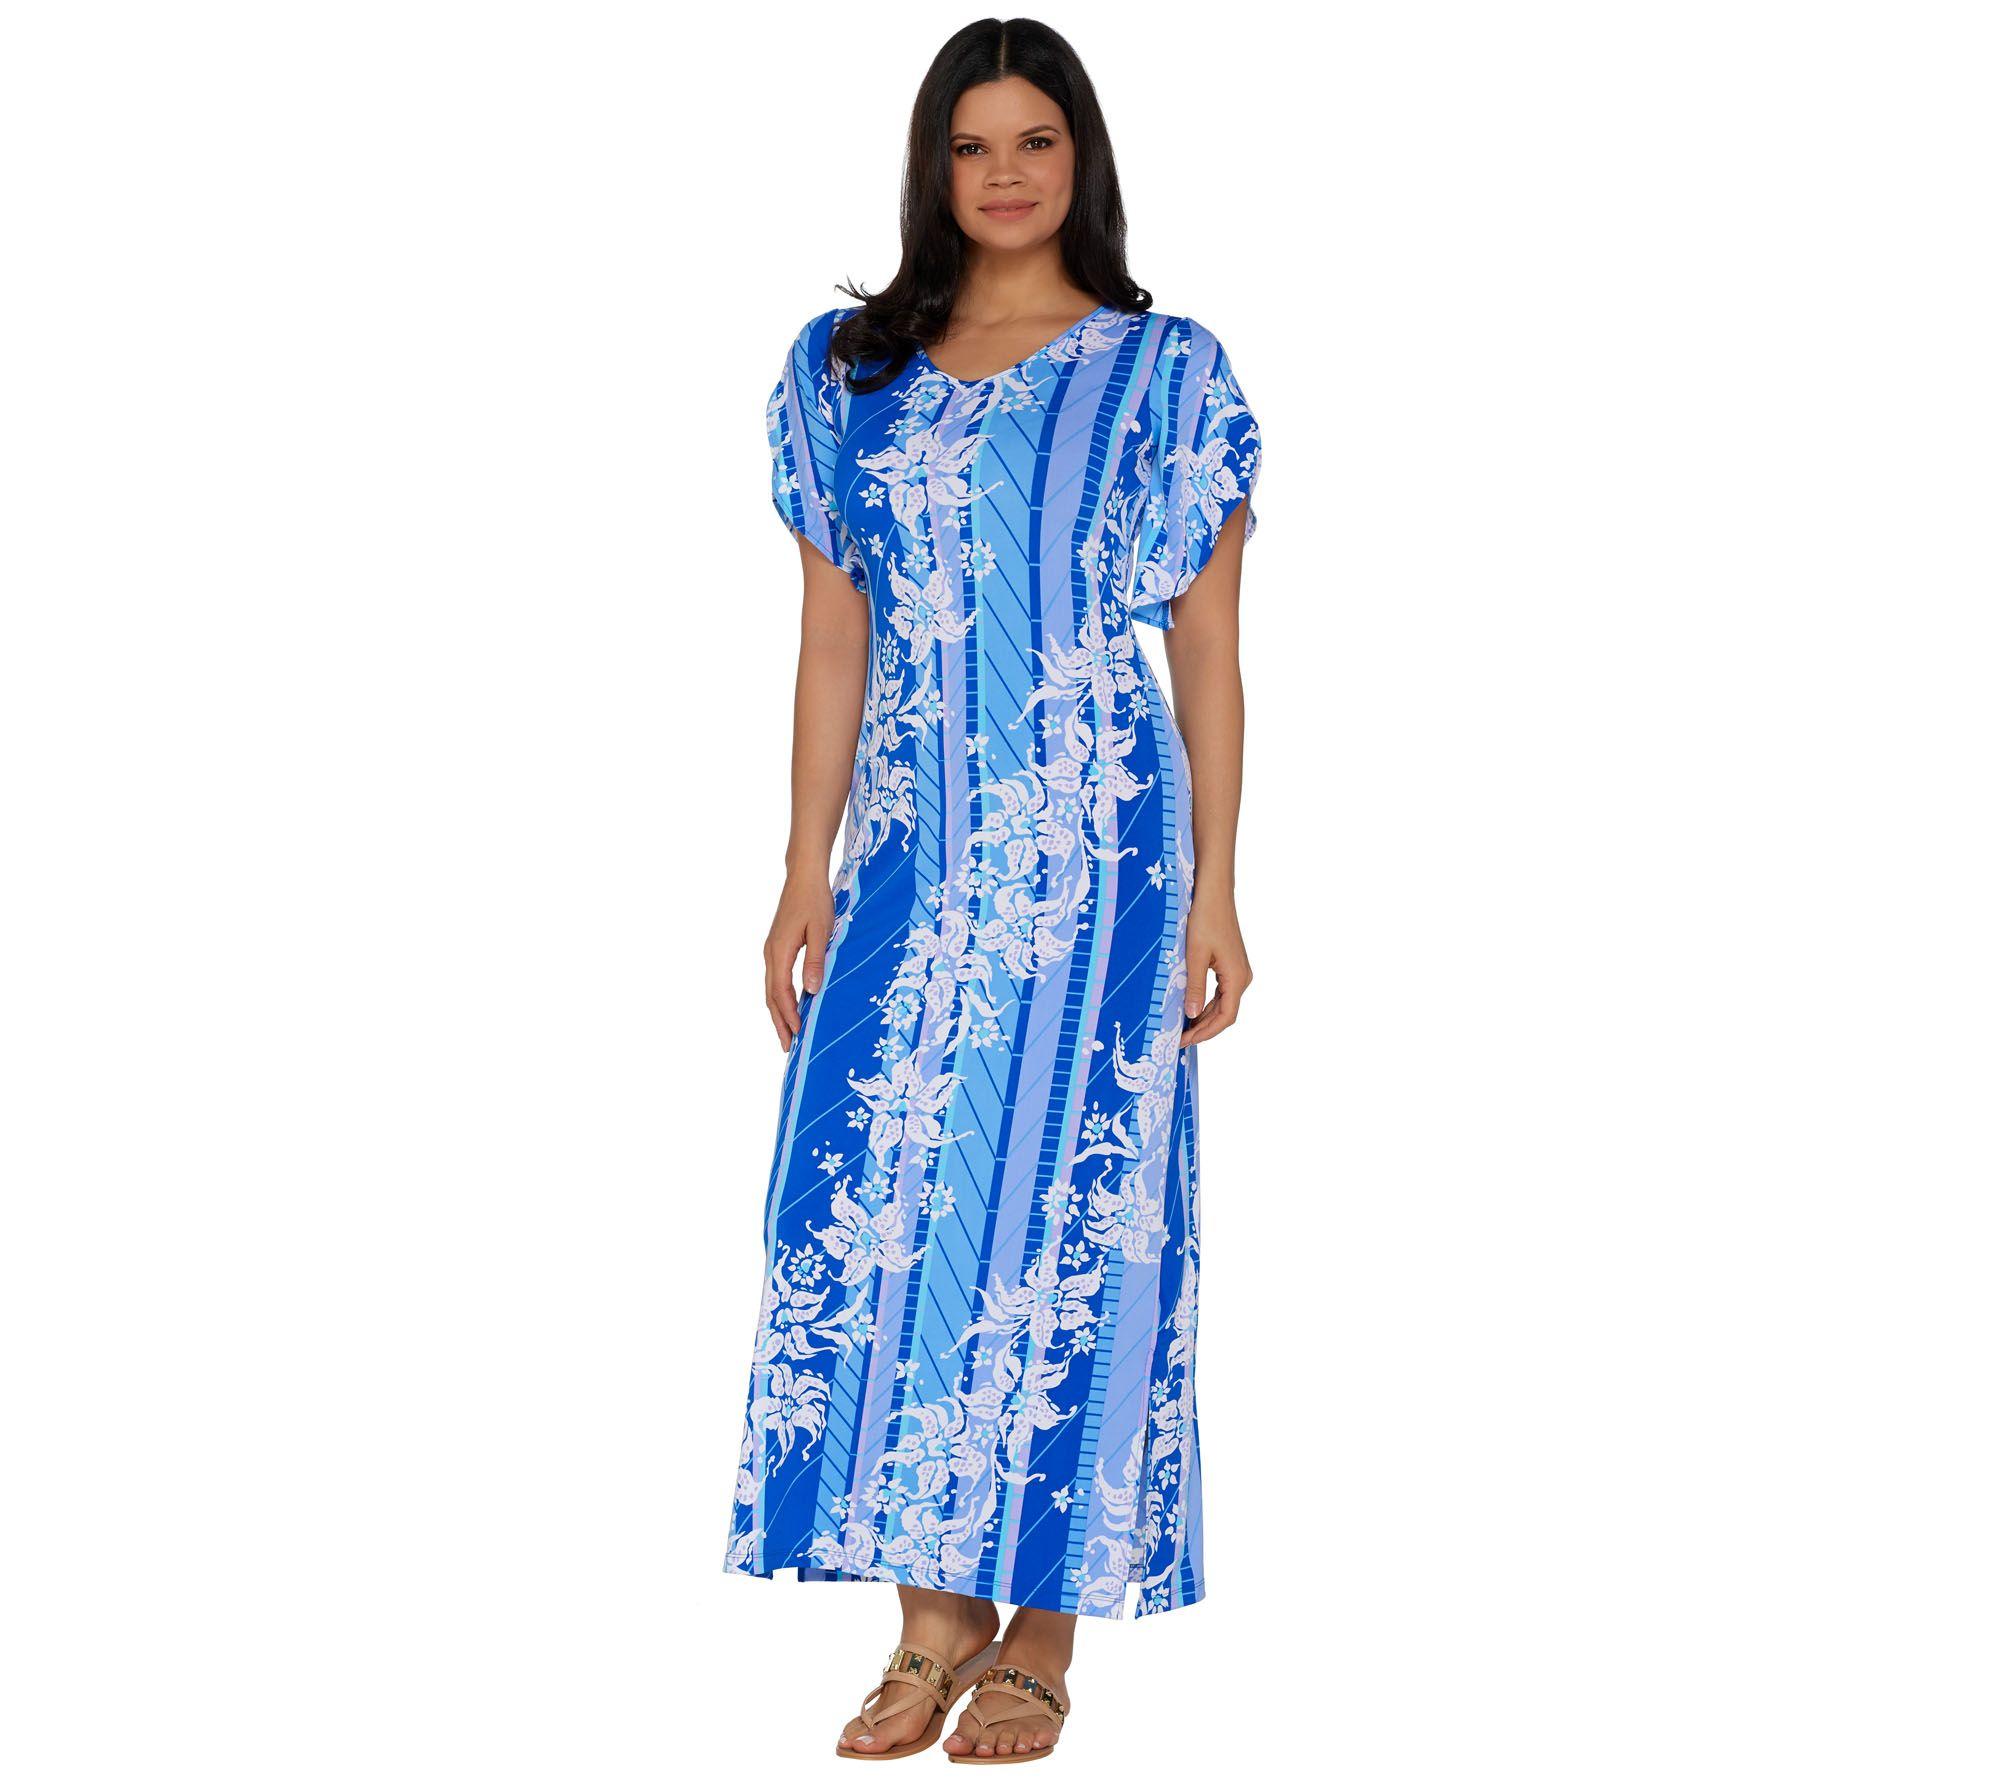 Terry cloth maxi dresses 2018